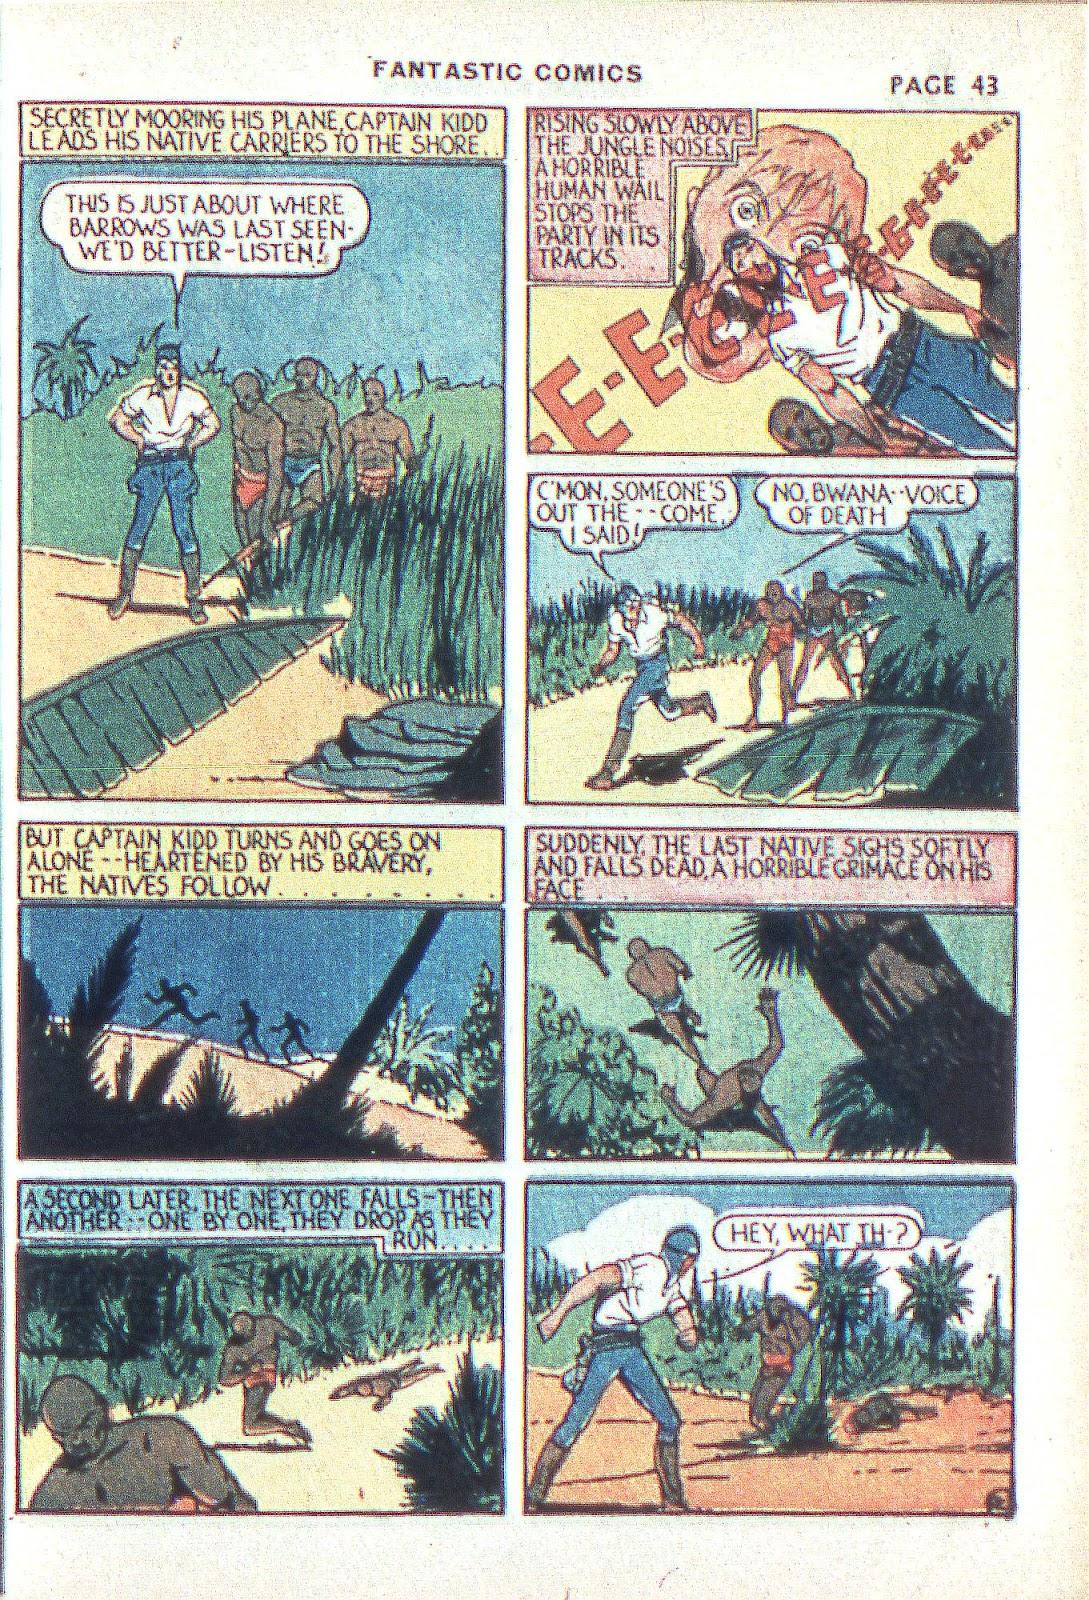 Read online Fantastic Comics comic -  Issue #3 - 45